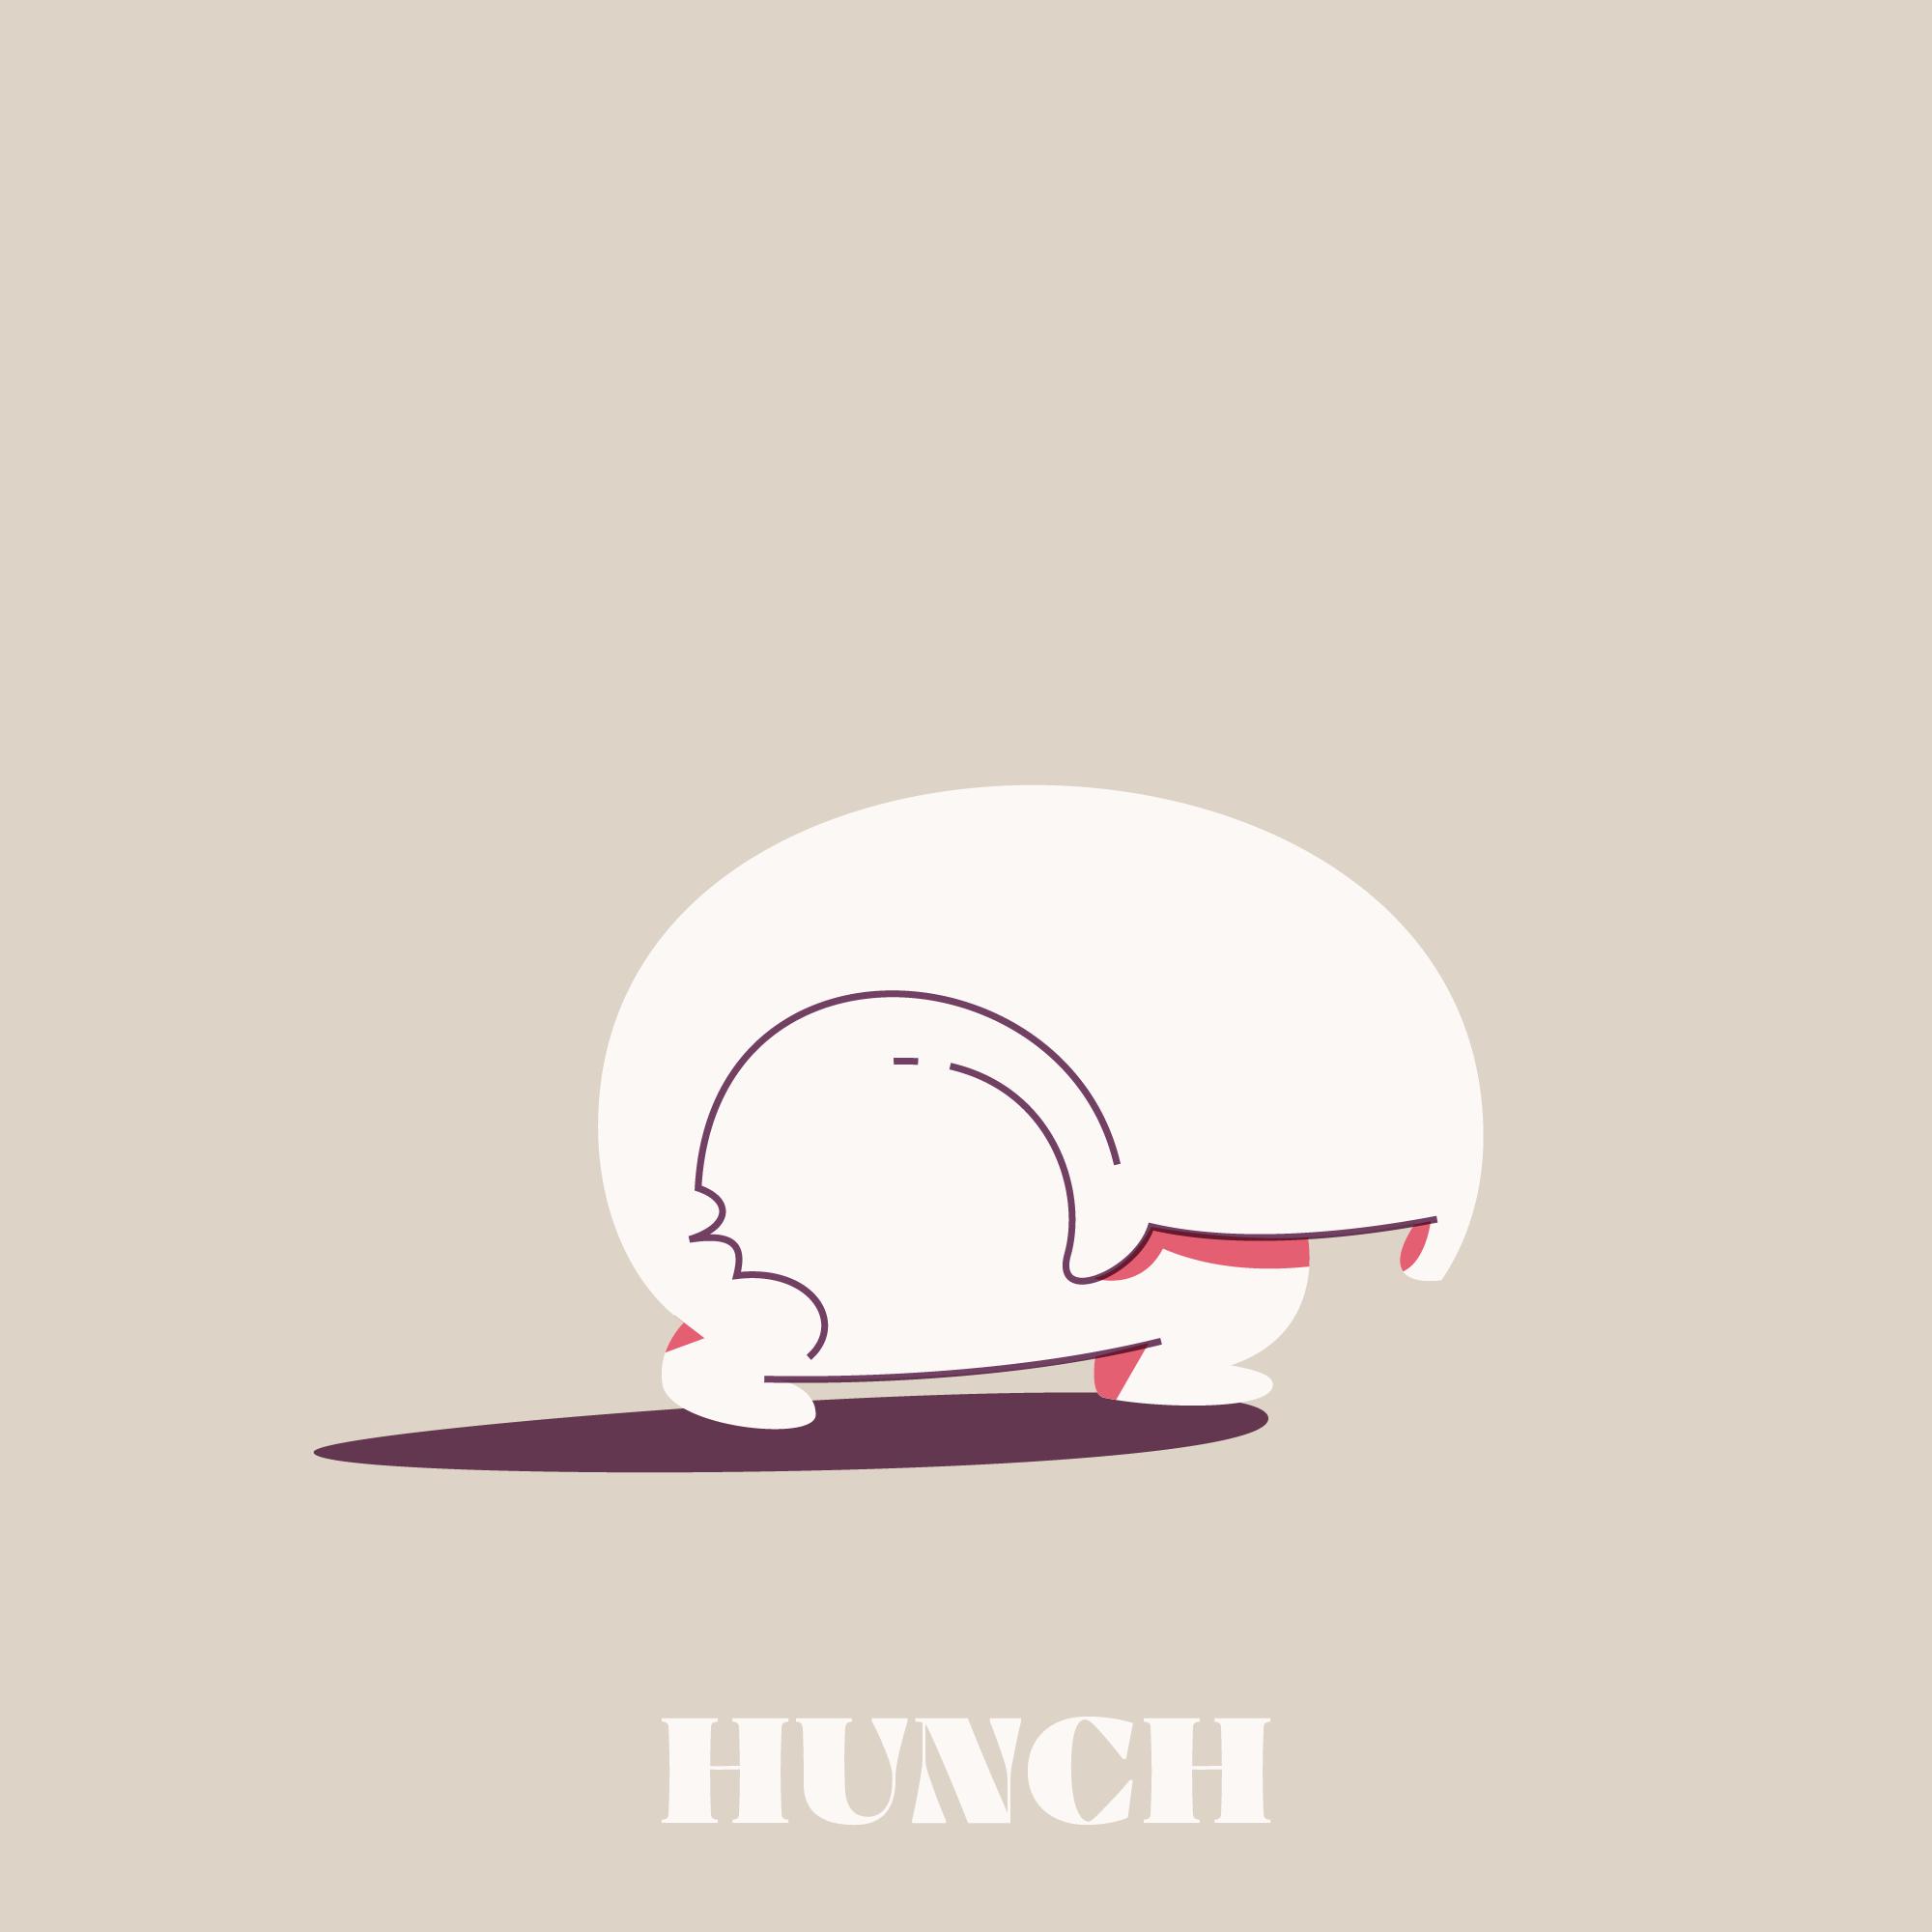 sacks-hunch.png